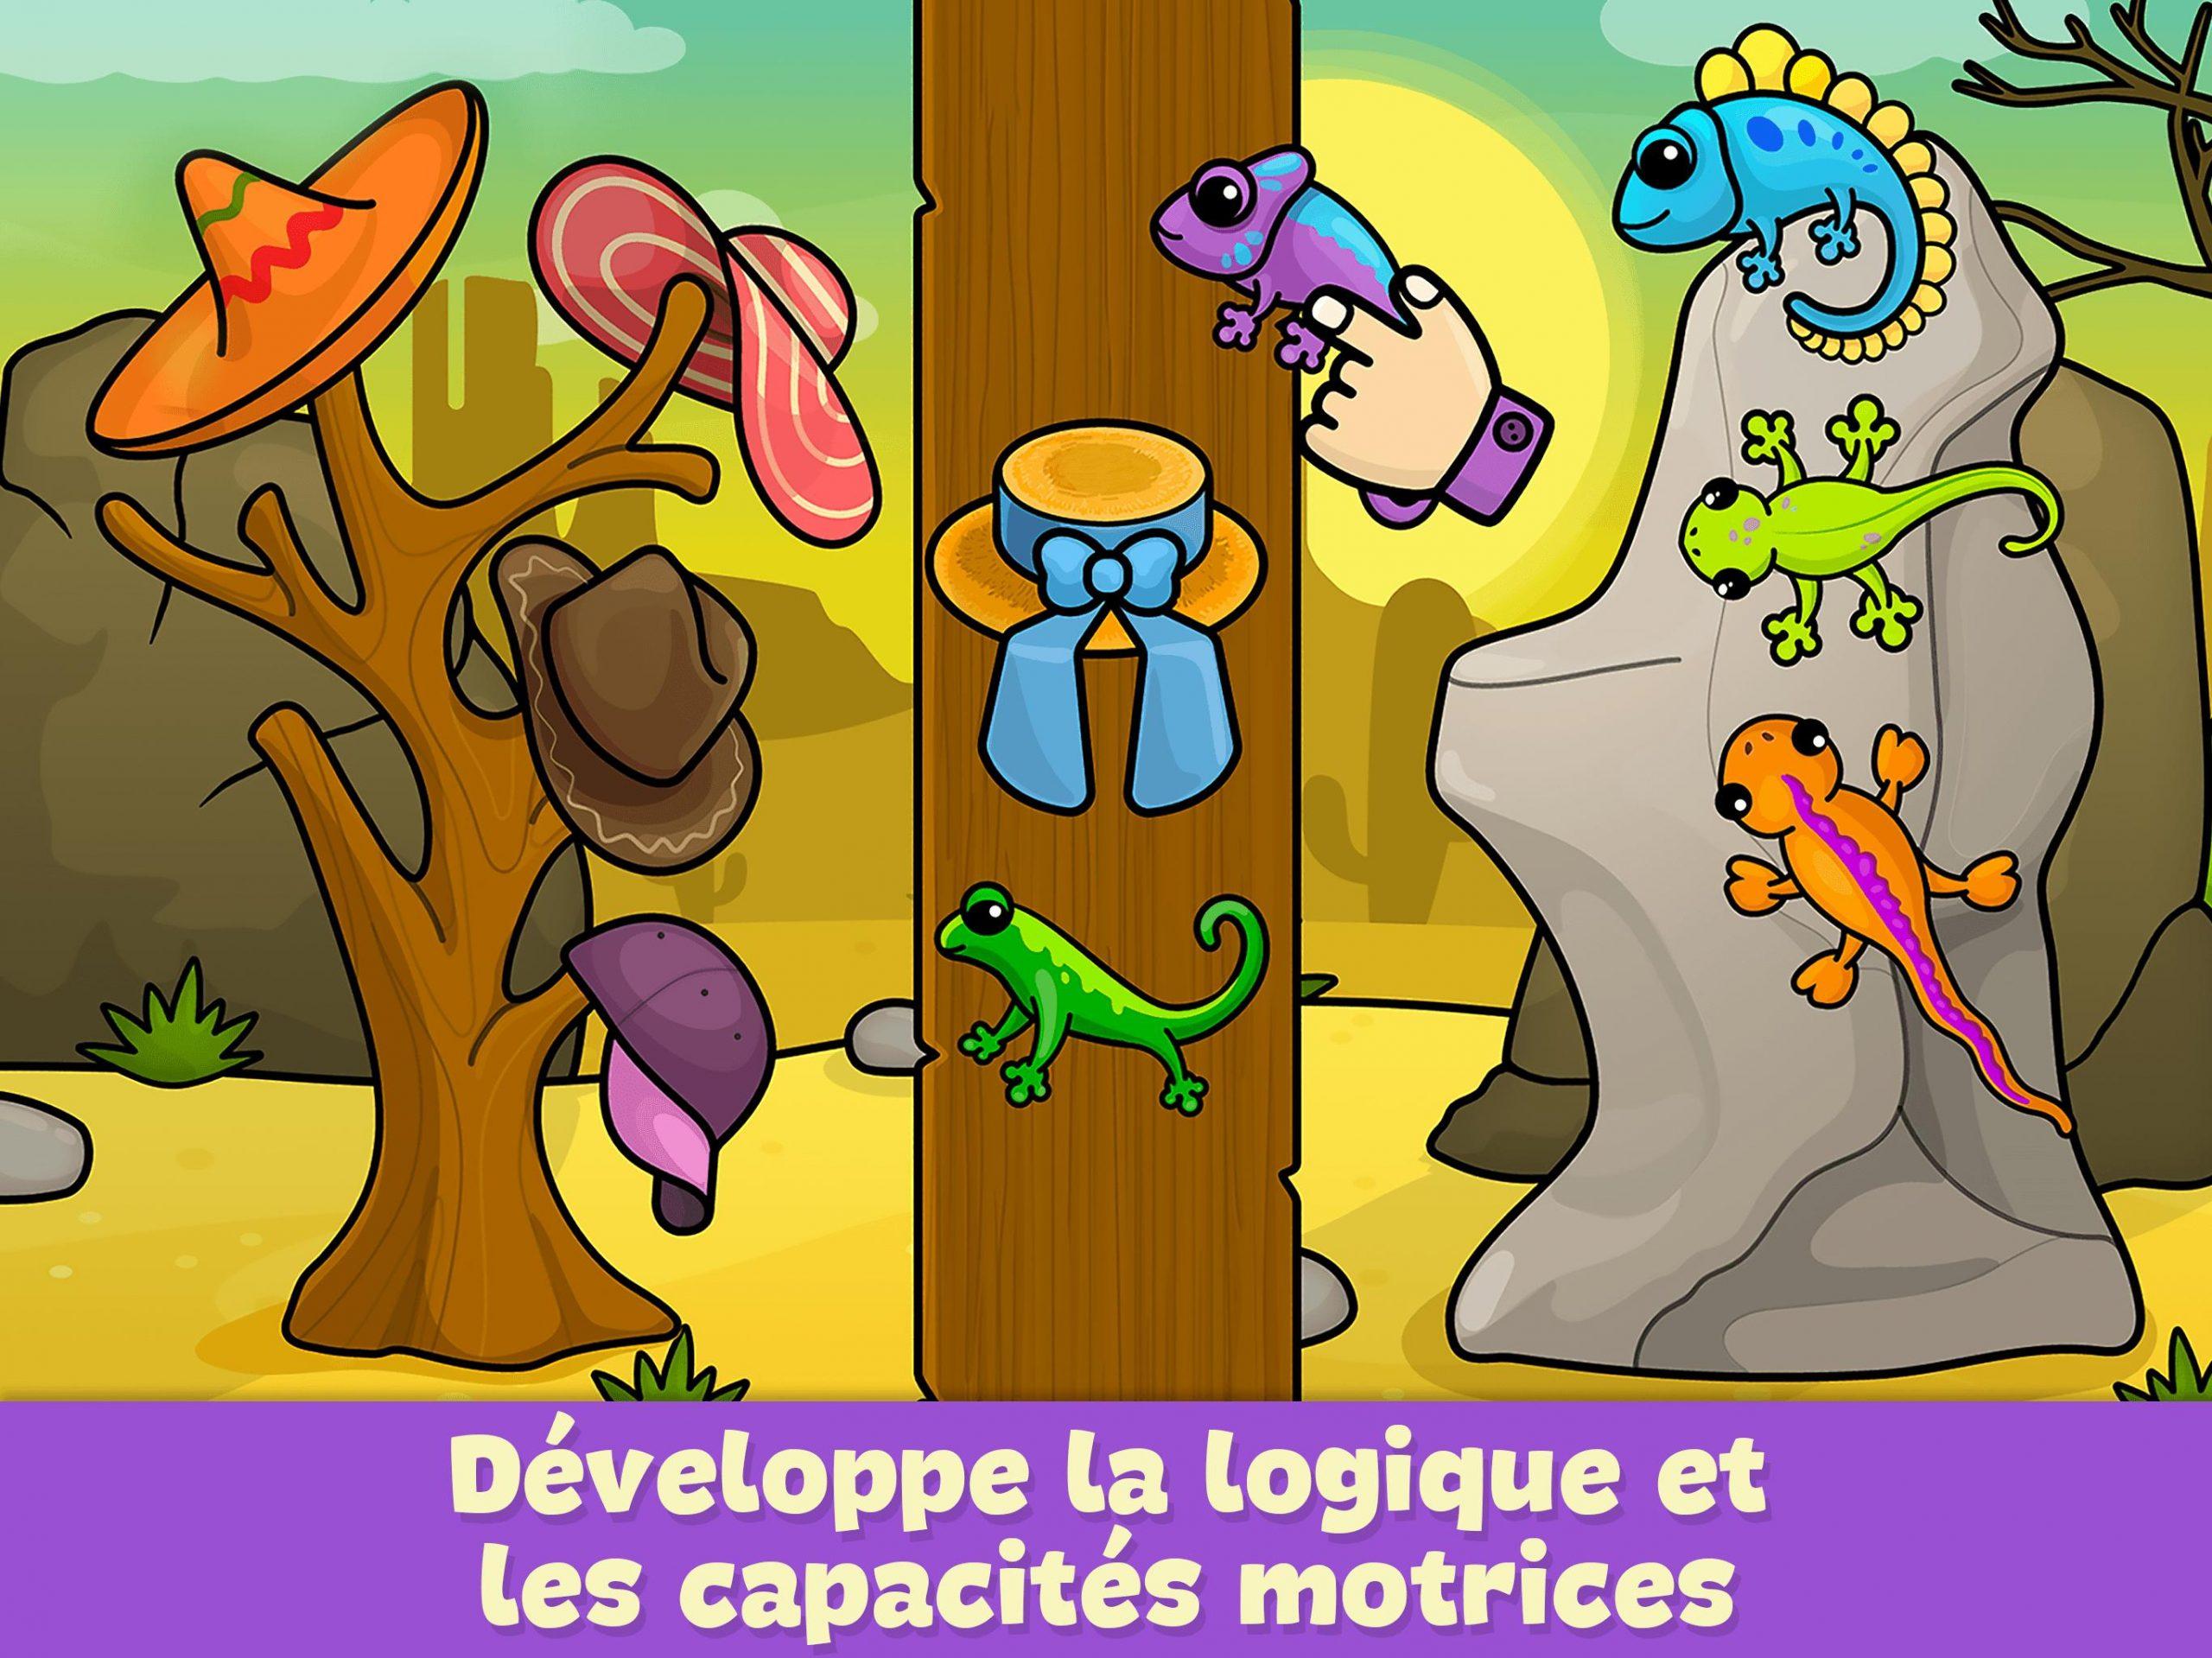 Jeux Pour Enfants 2 - 5 Ans Pour Android - Téléchargez L'apk tout Jeux Gratuits Pour Bebe De 3 Ans